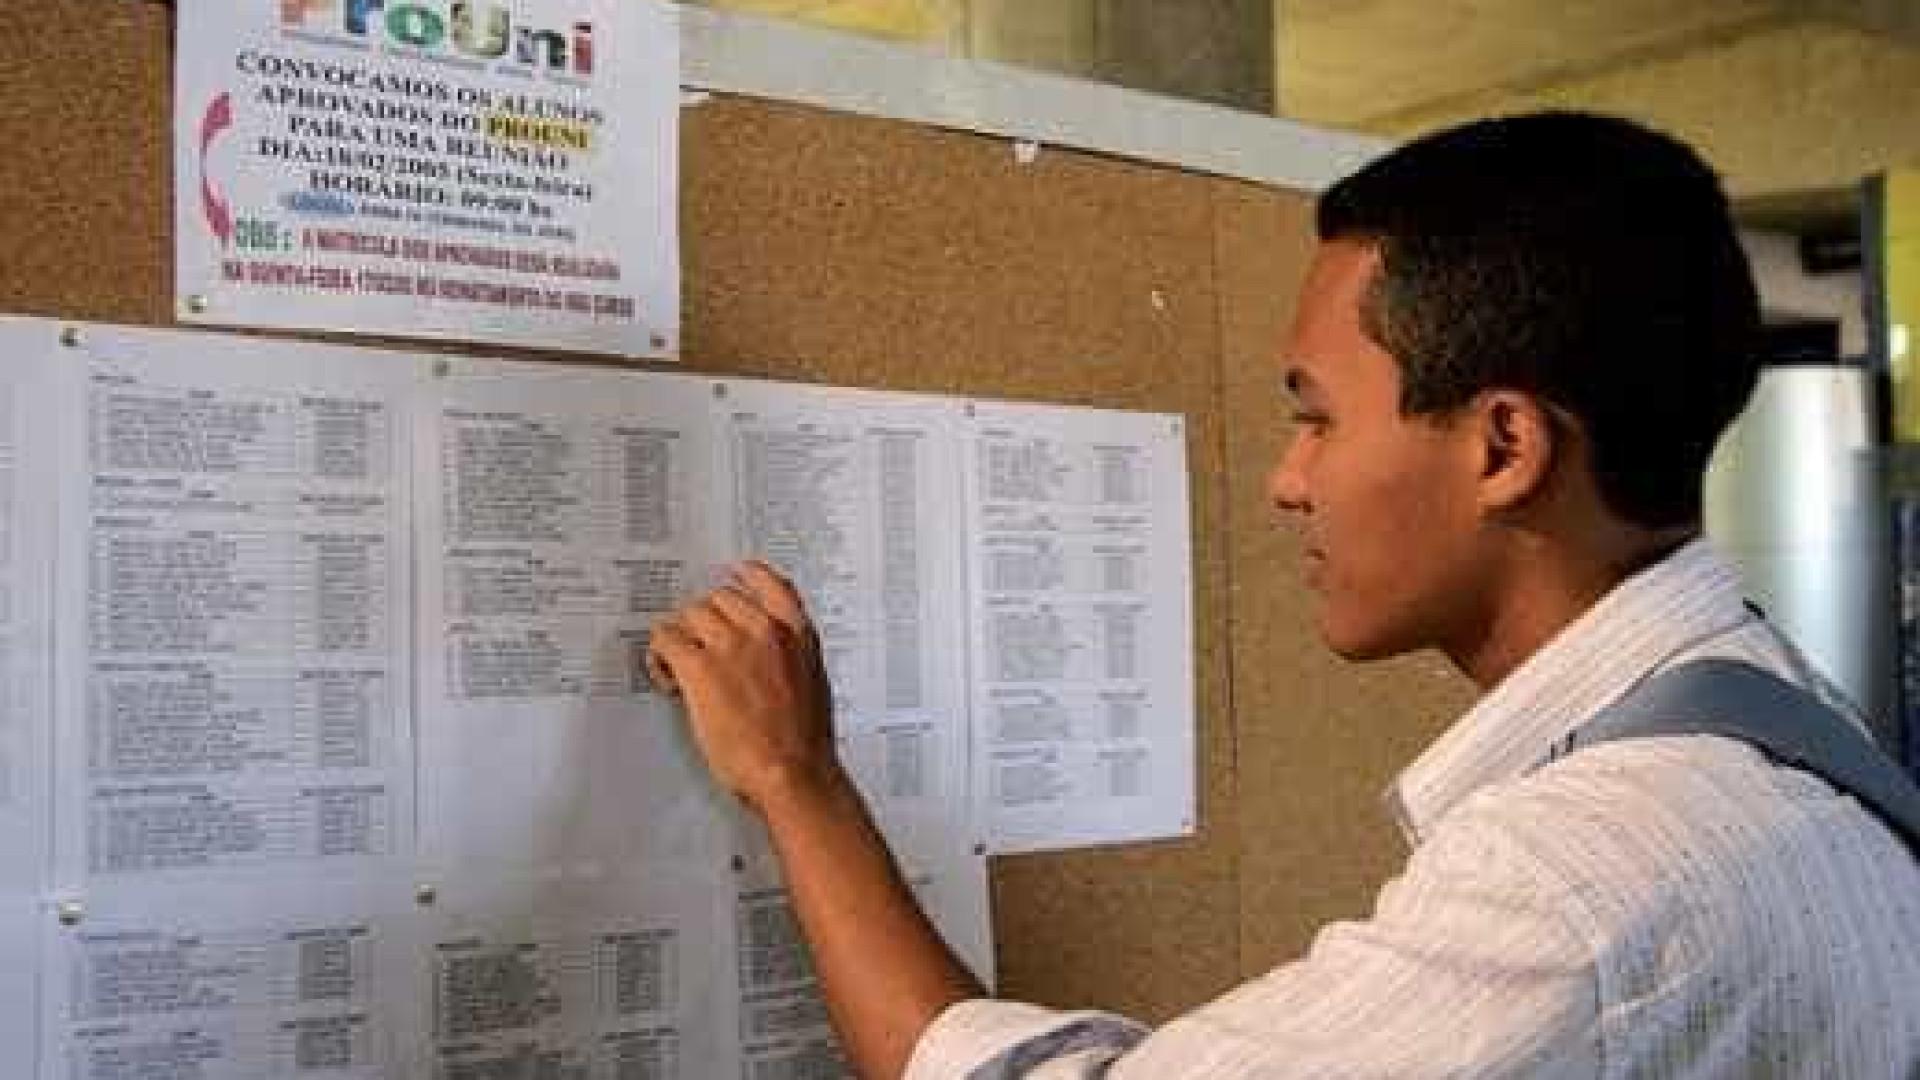 Candidatos de lista de espera têm até hoje para entregar documentos